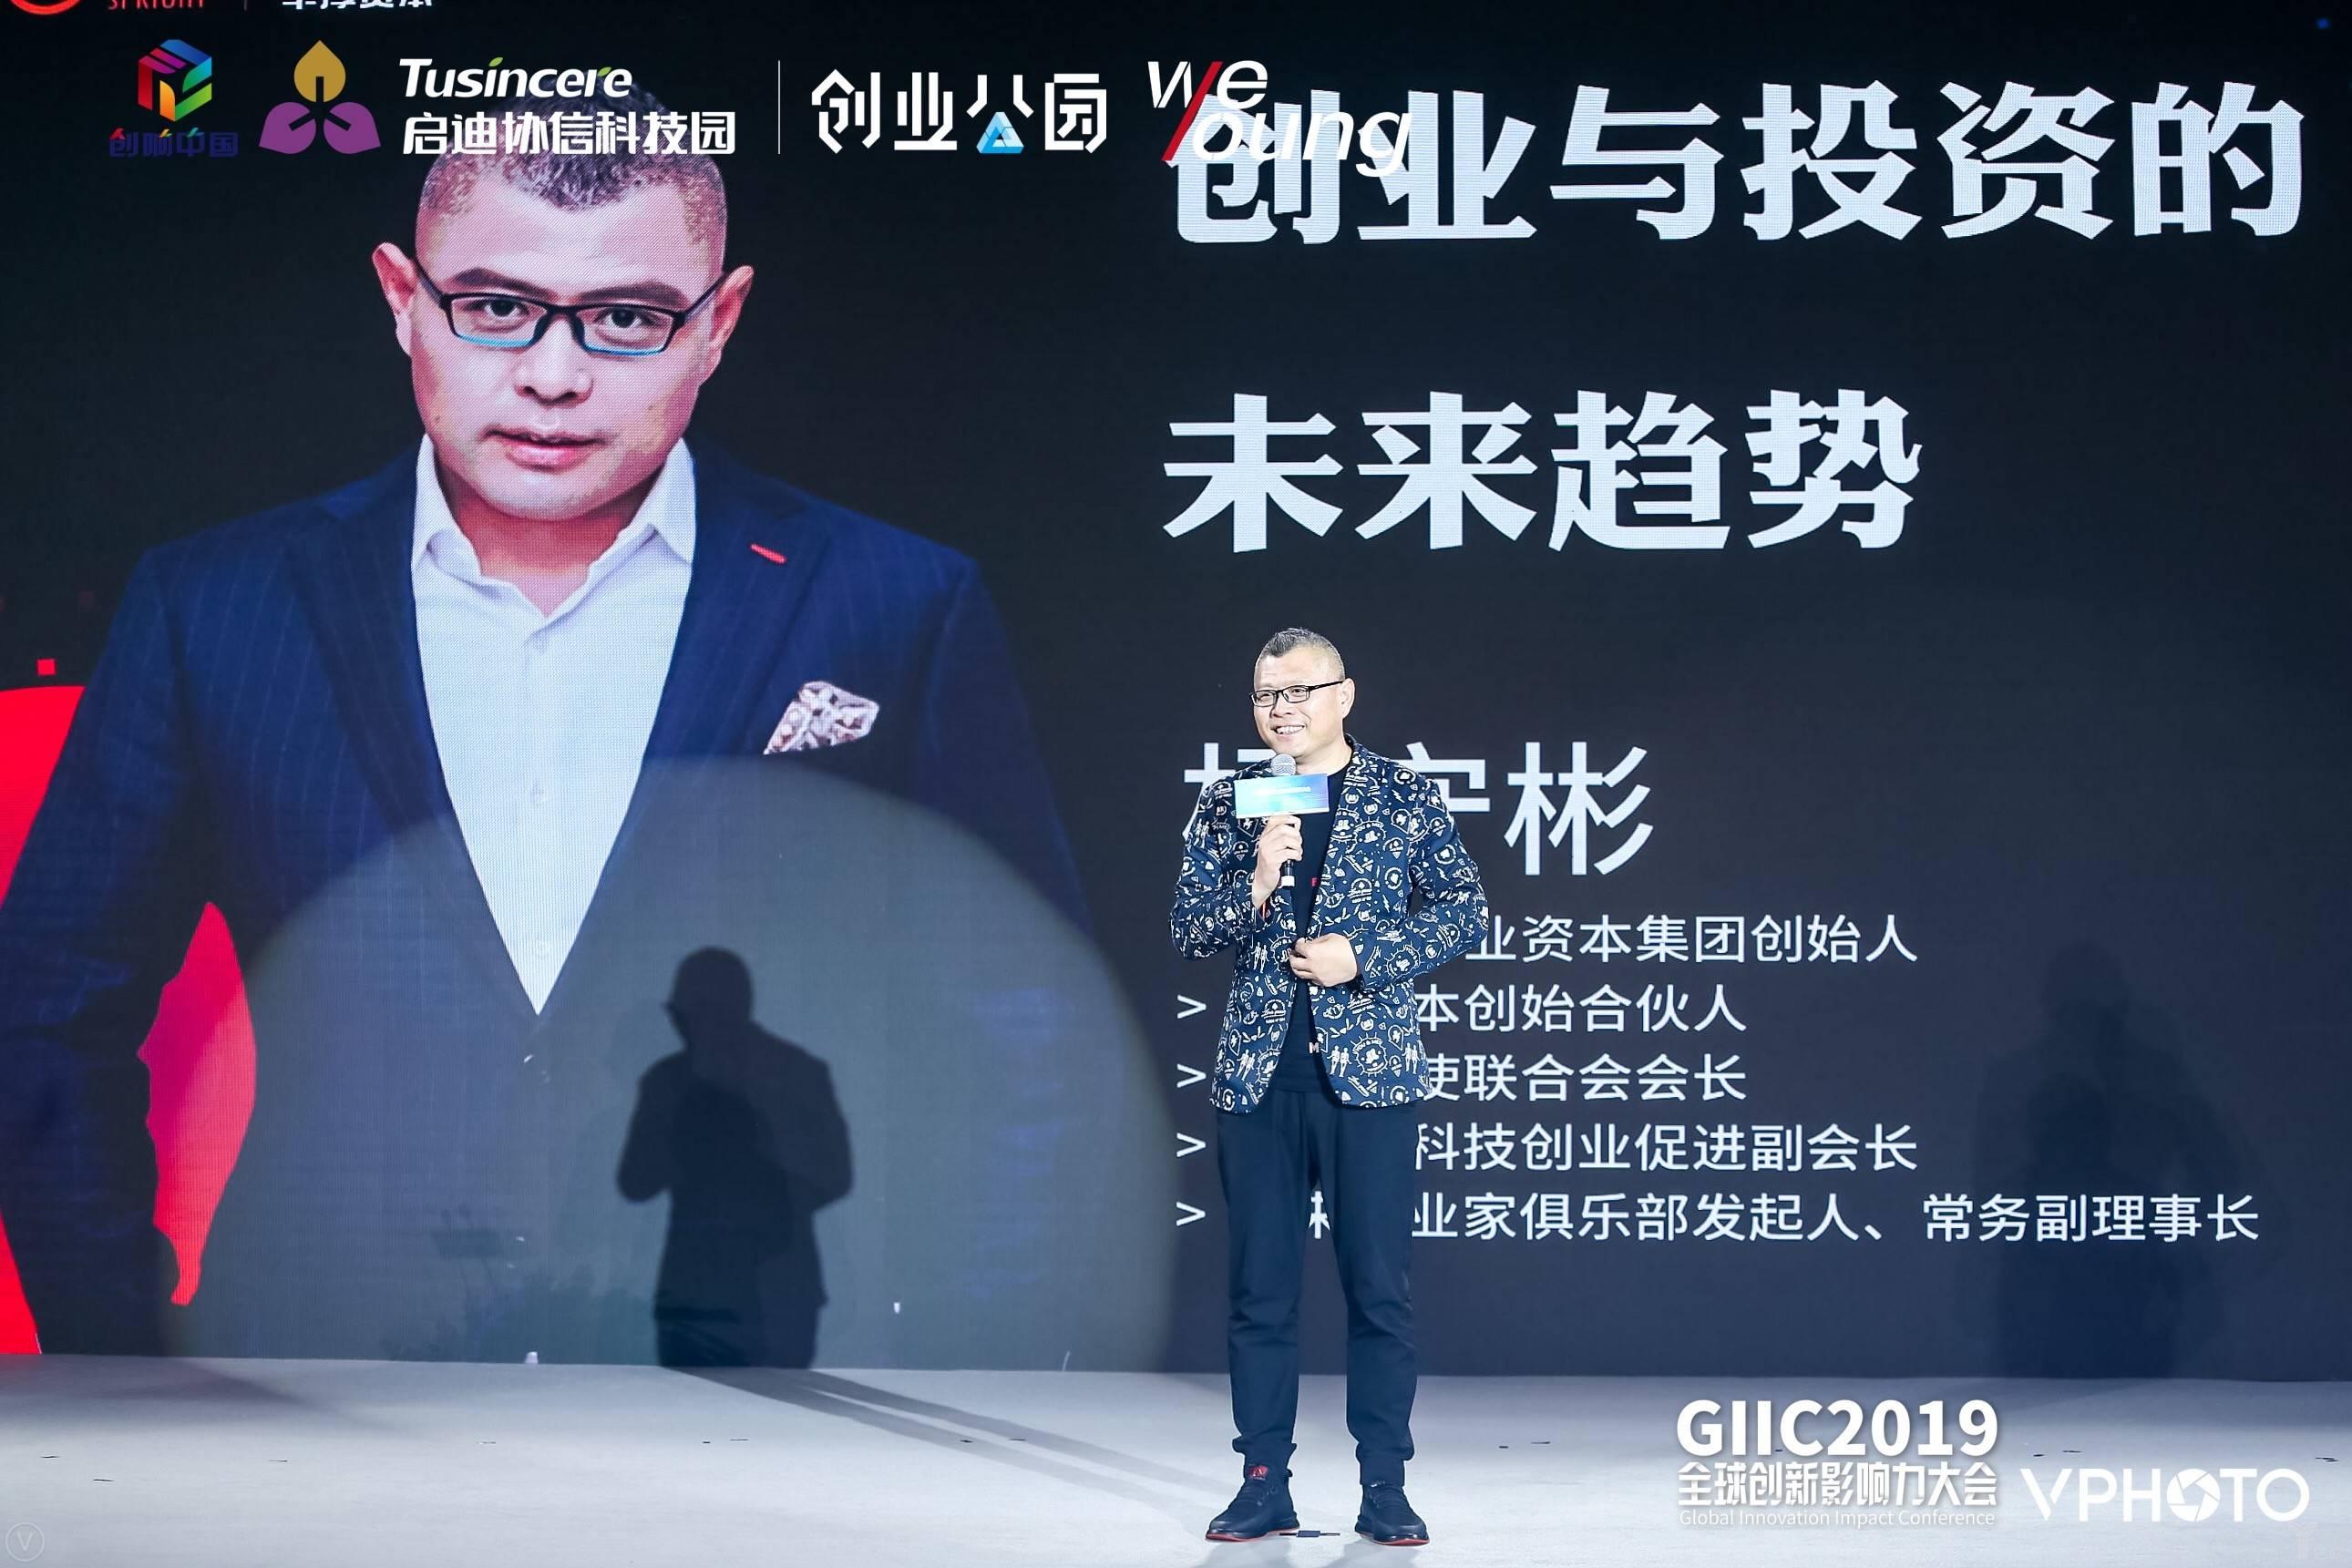 专访丨杨守彬:2019之后创投无风口也无寒冬